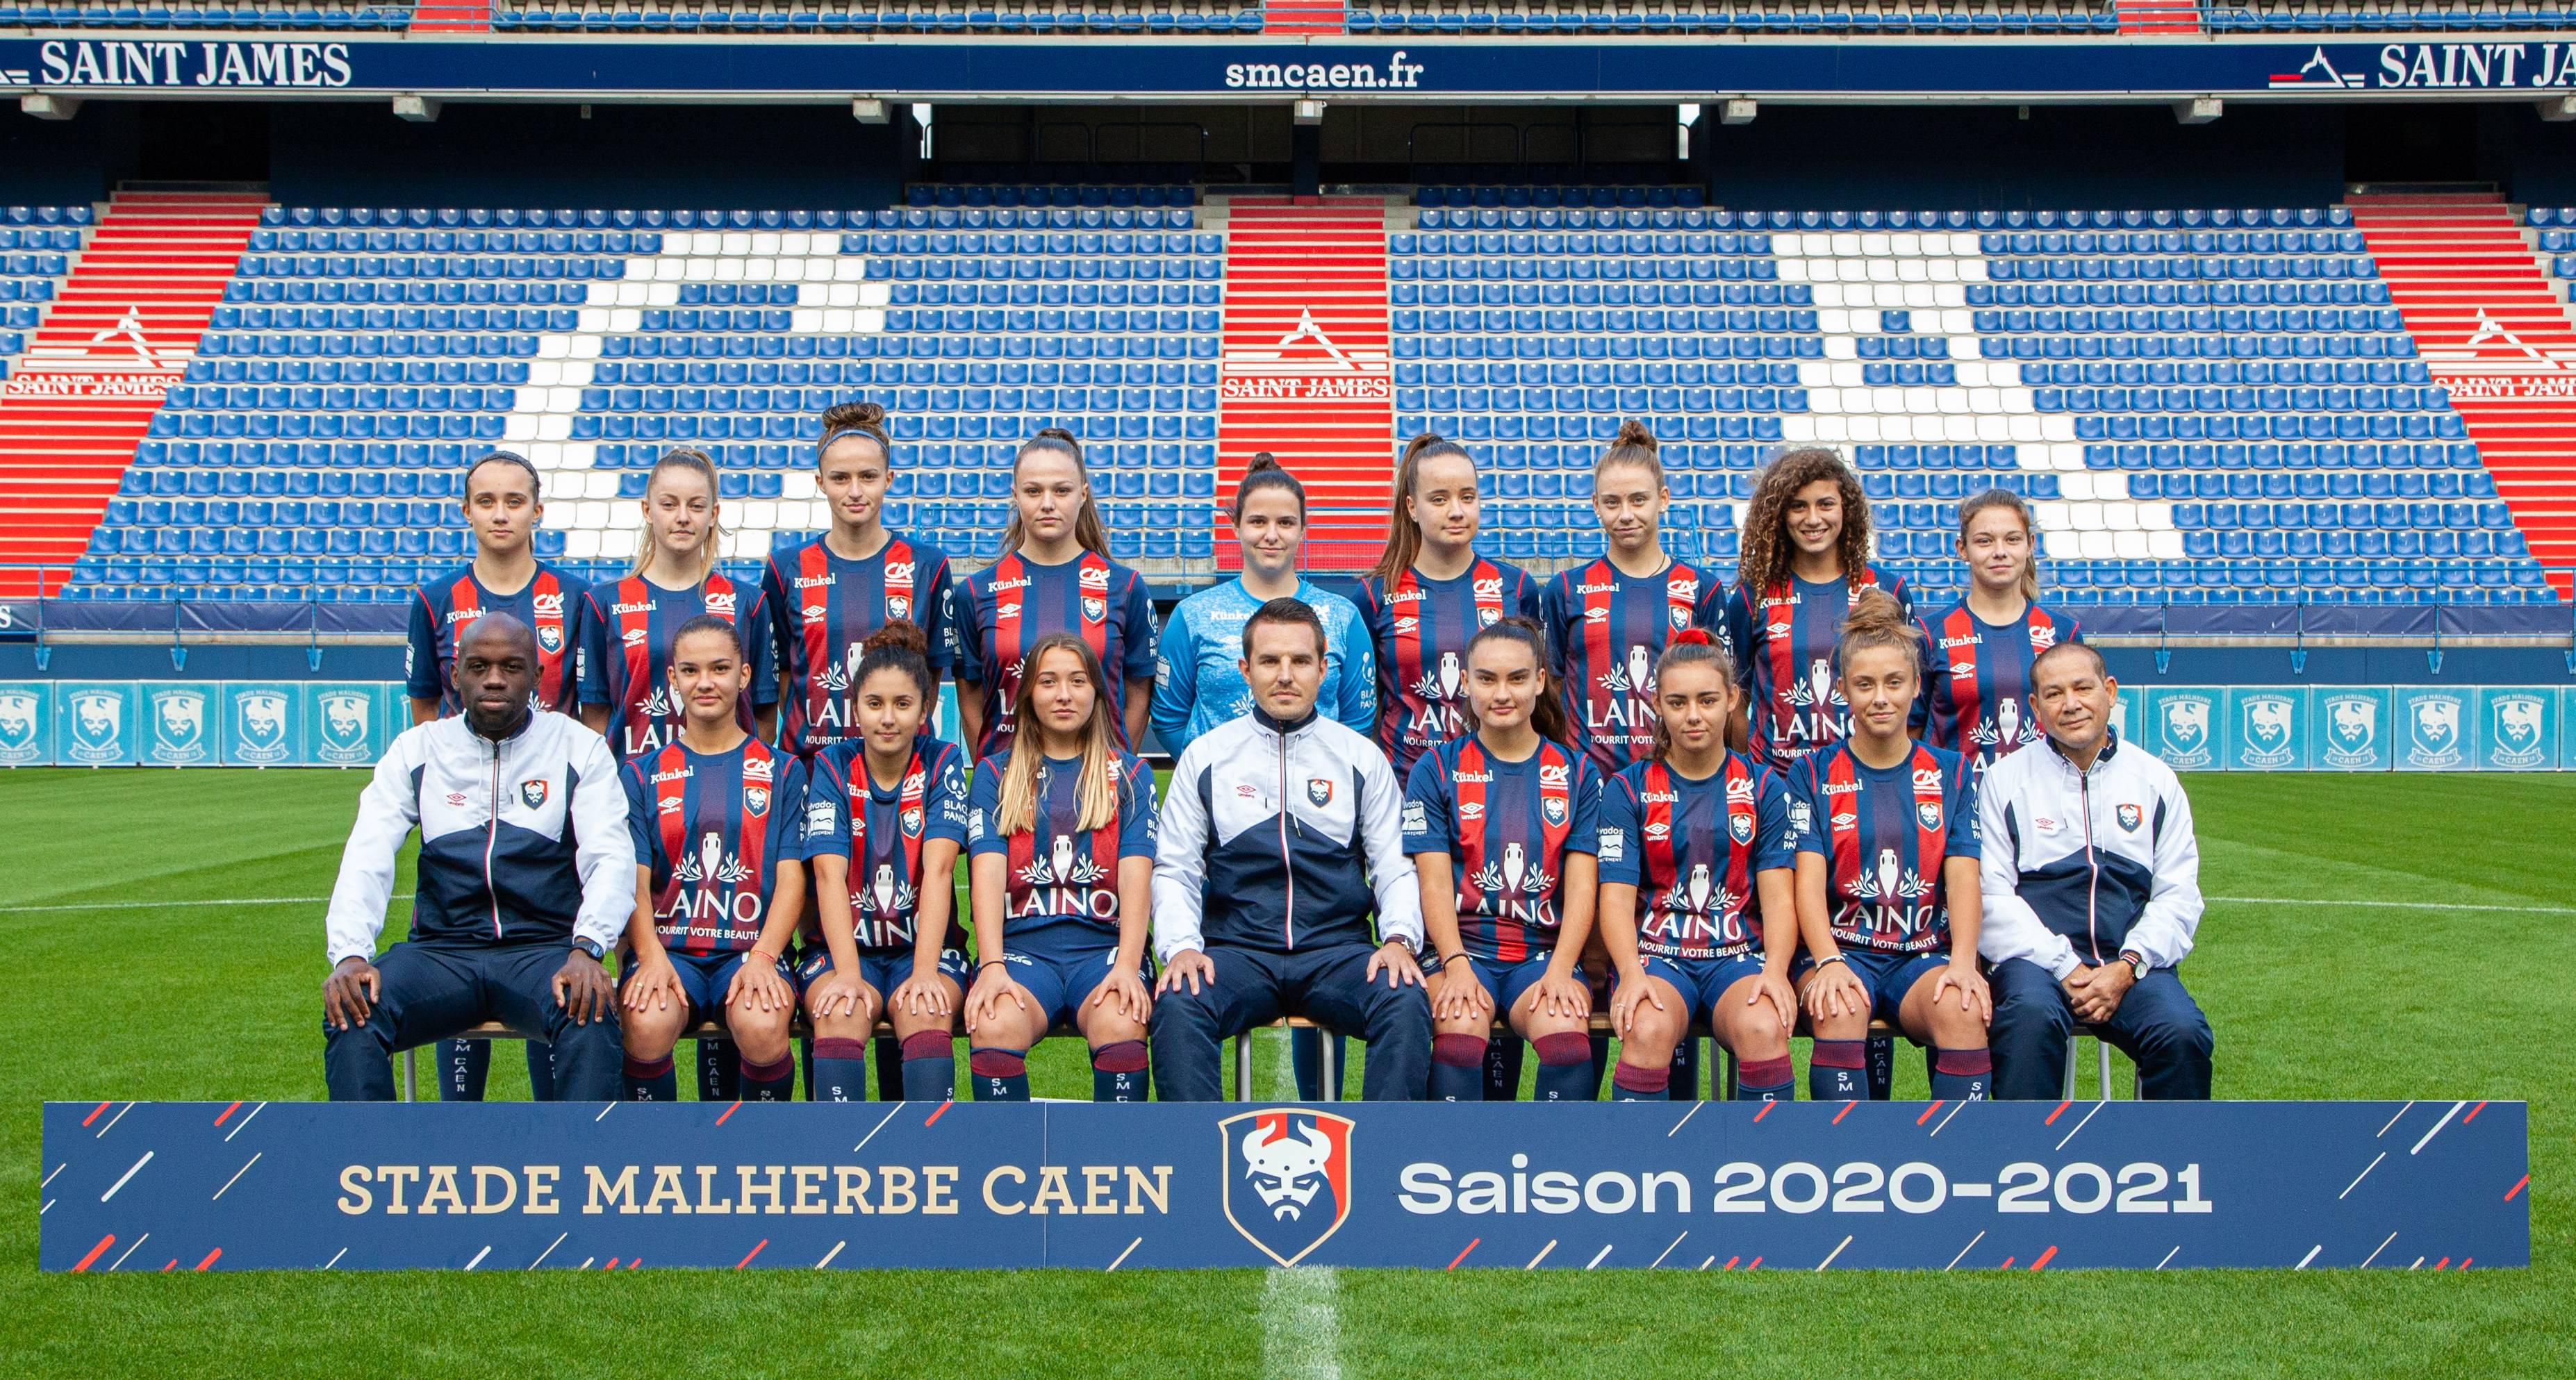 Stade Malherbe Caen Calvados Basse-Normandie - équipe U18 Féminines 2020-2021